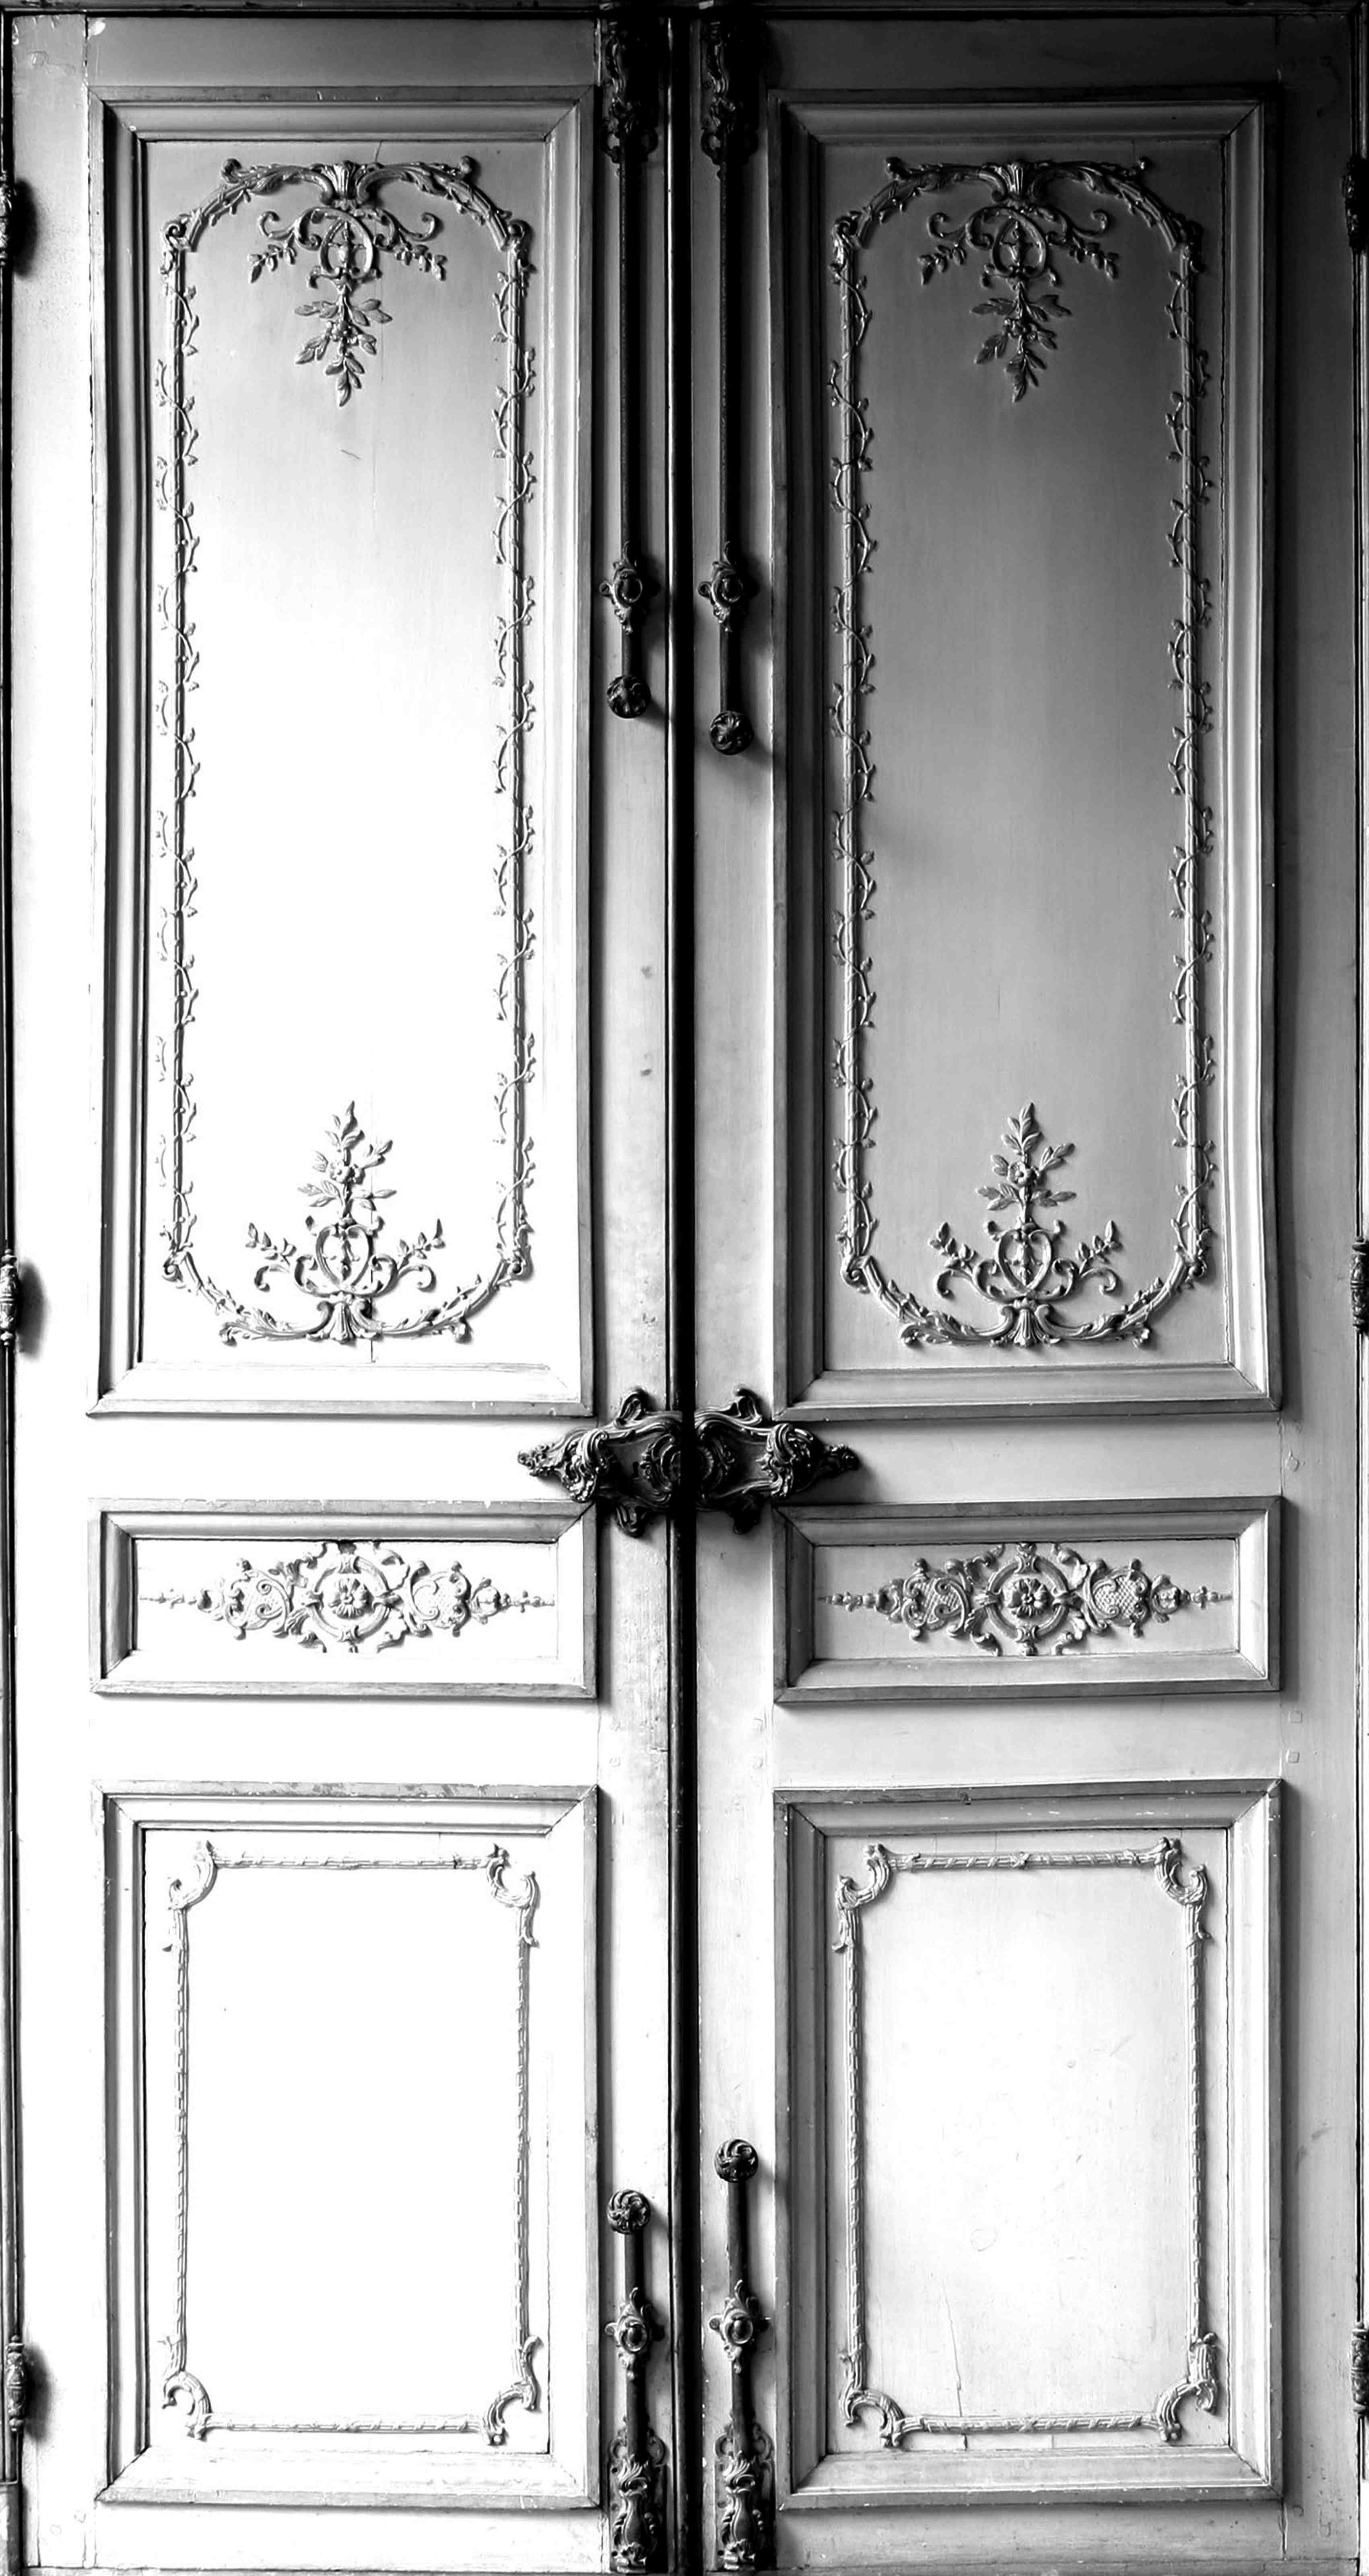 La Maison Champs Elysees Hotel Par Maison Martin Margiela